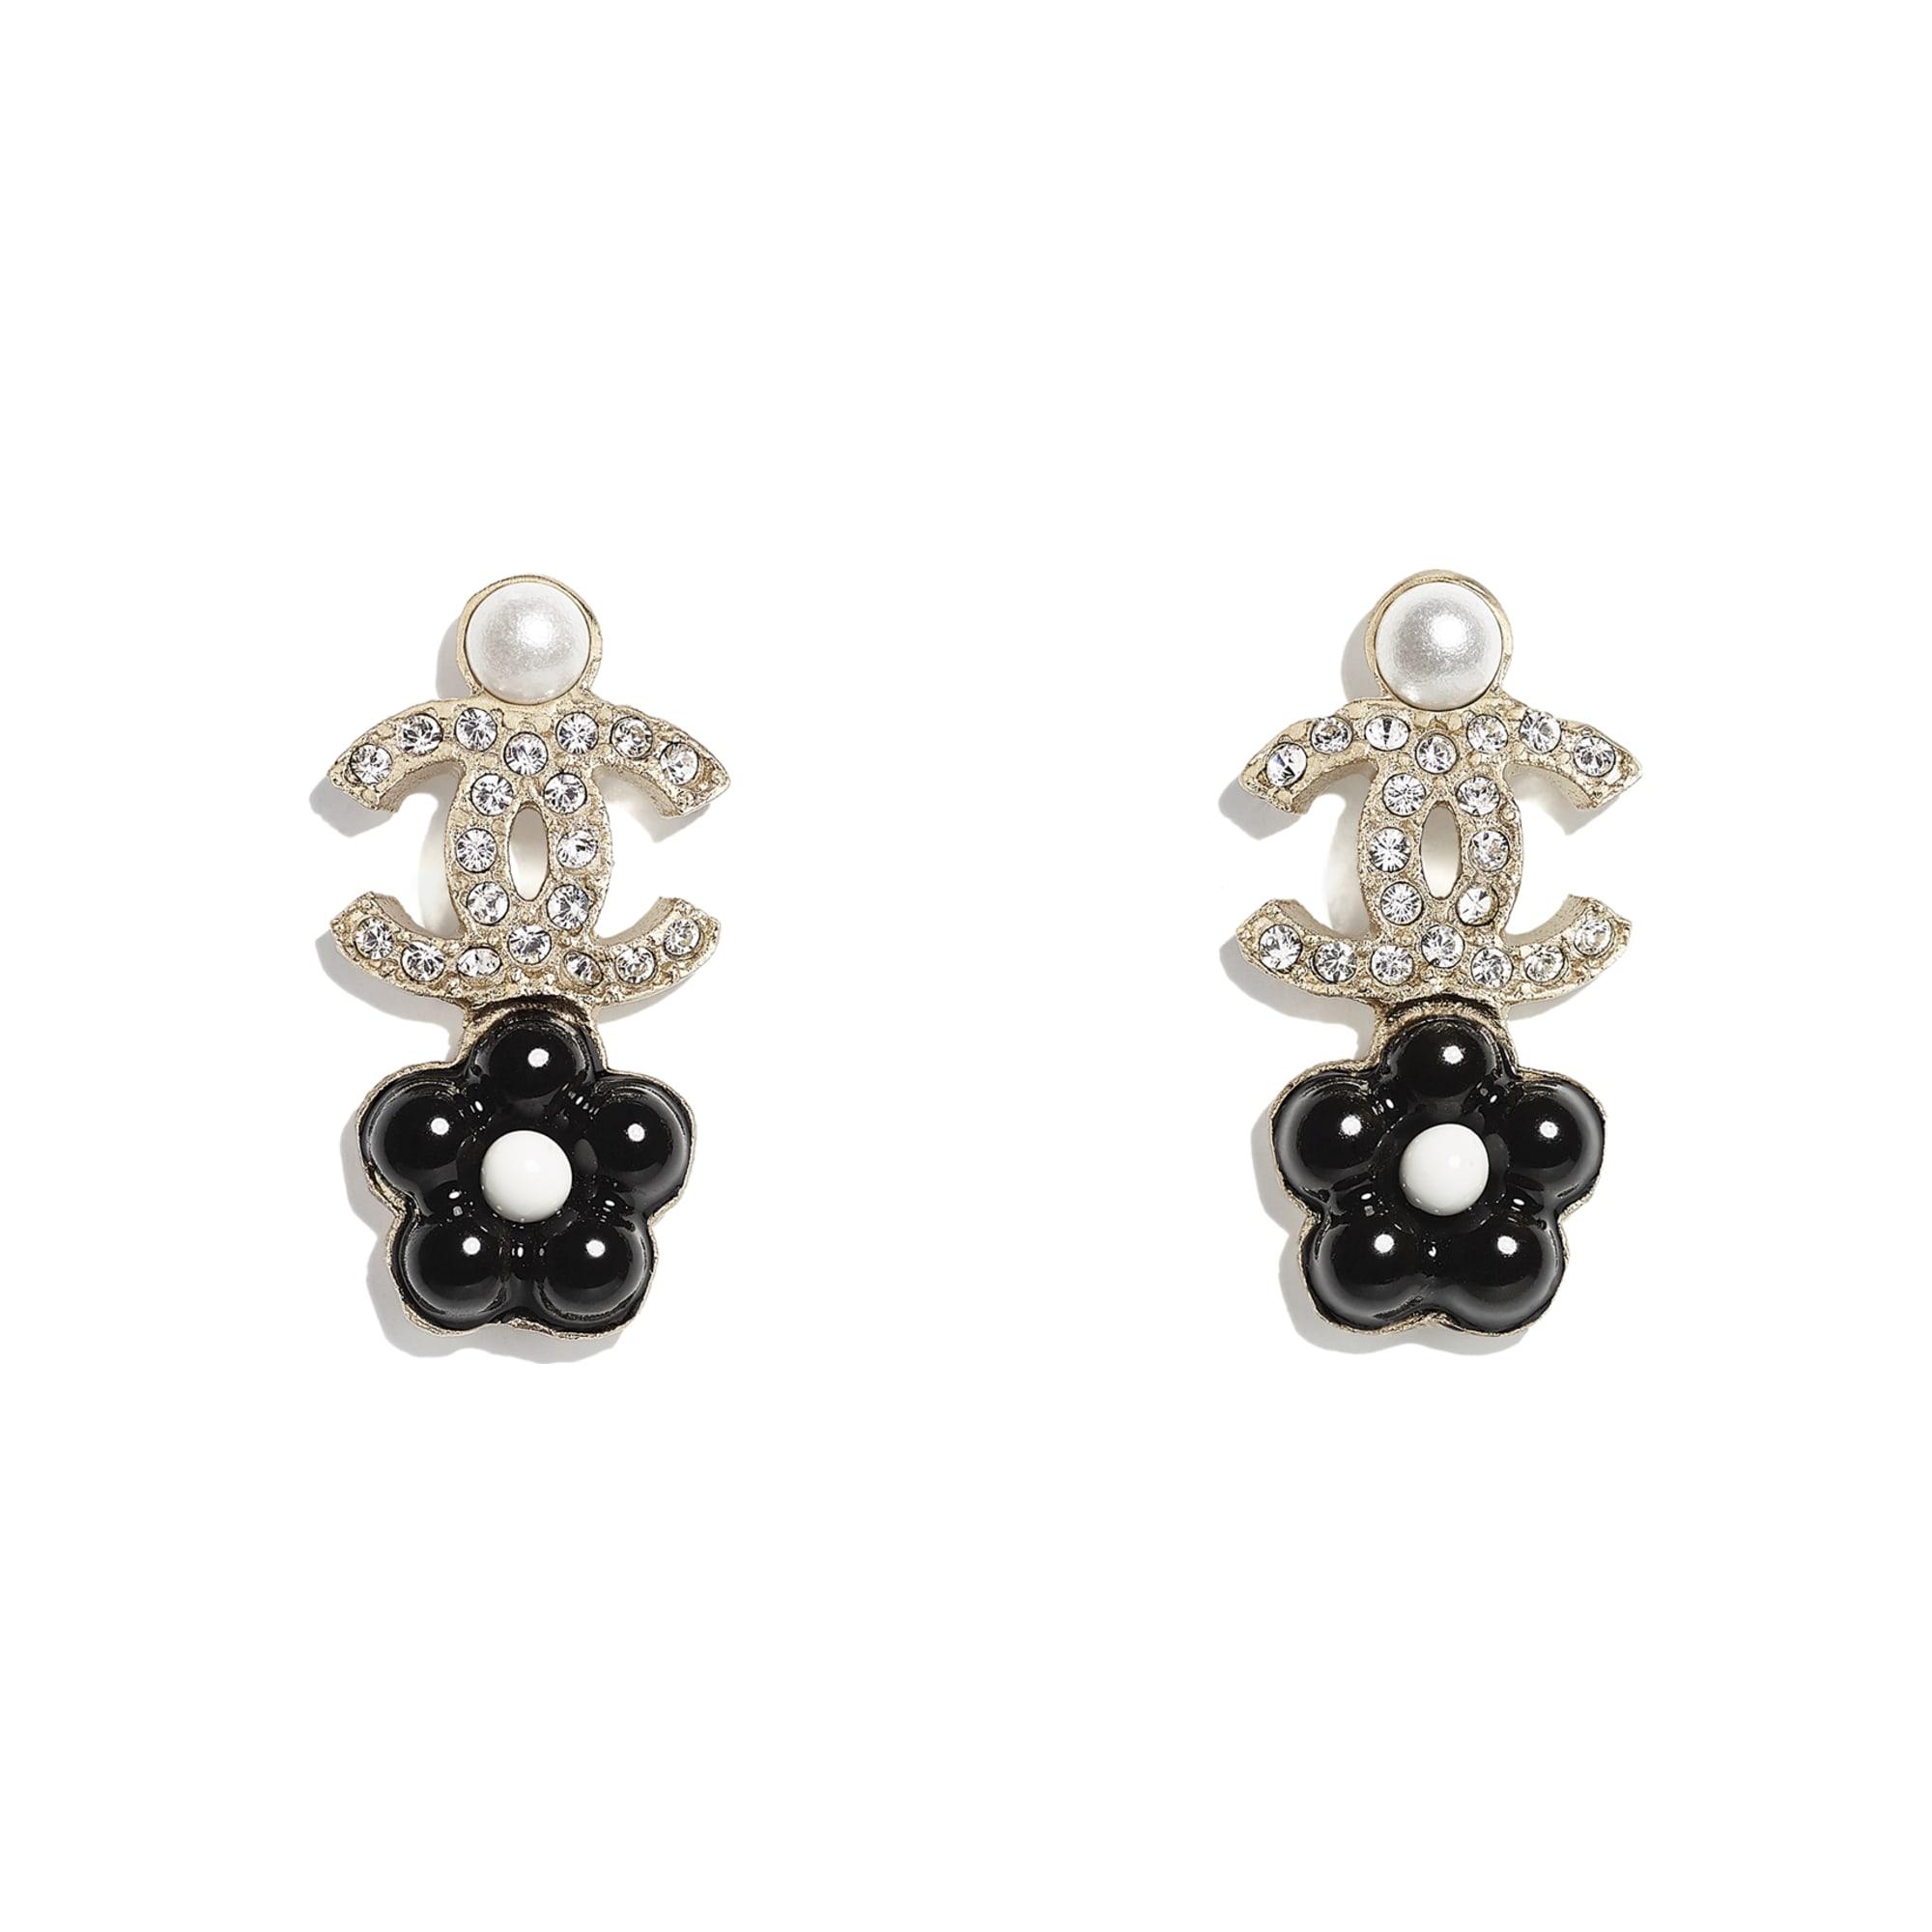 耳環 - 金、珍珠白、水晶與黑 - 金屬、琉璃珠與水鑽 - CHANEL - 預設視圖 - 查看標準尺寸版本